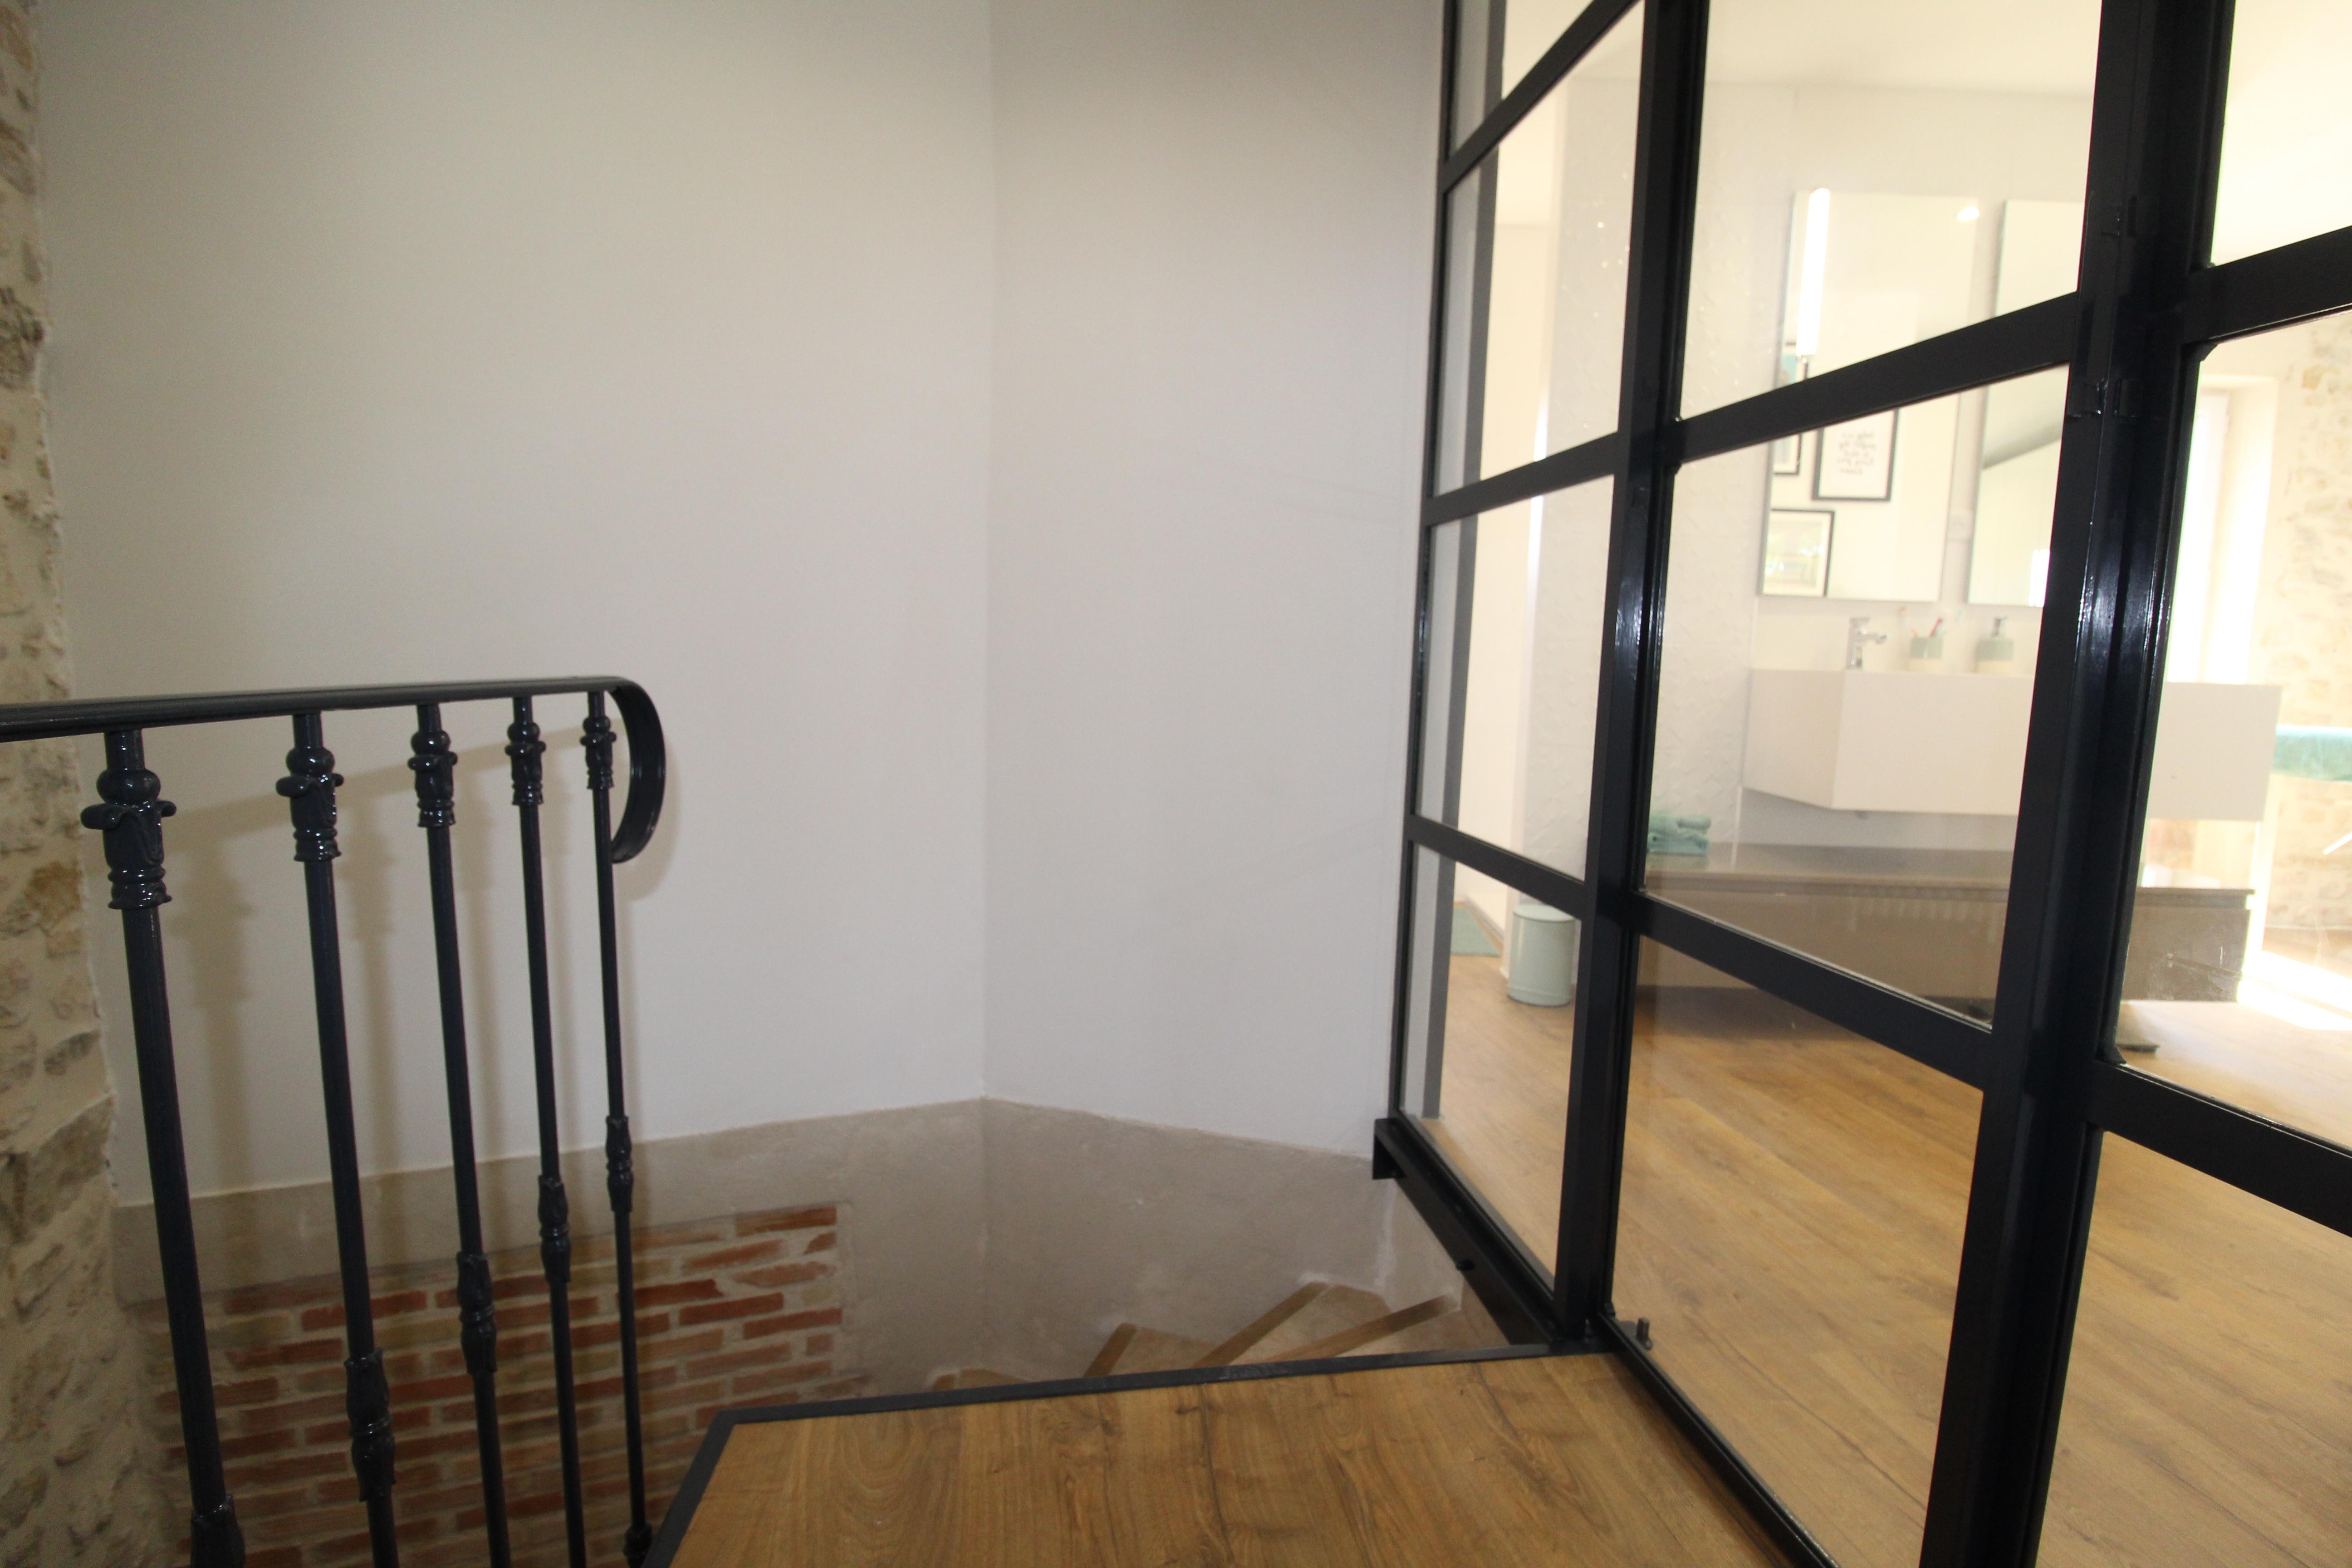 le palier et l'escalier